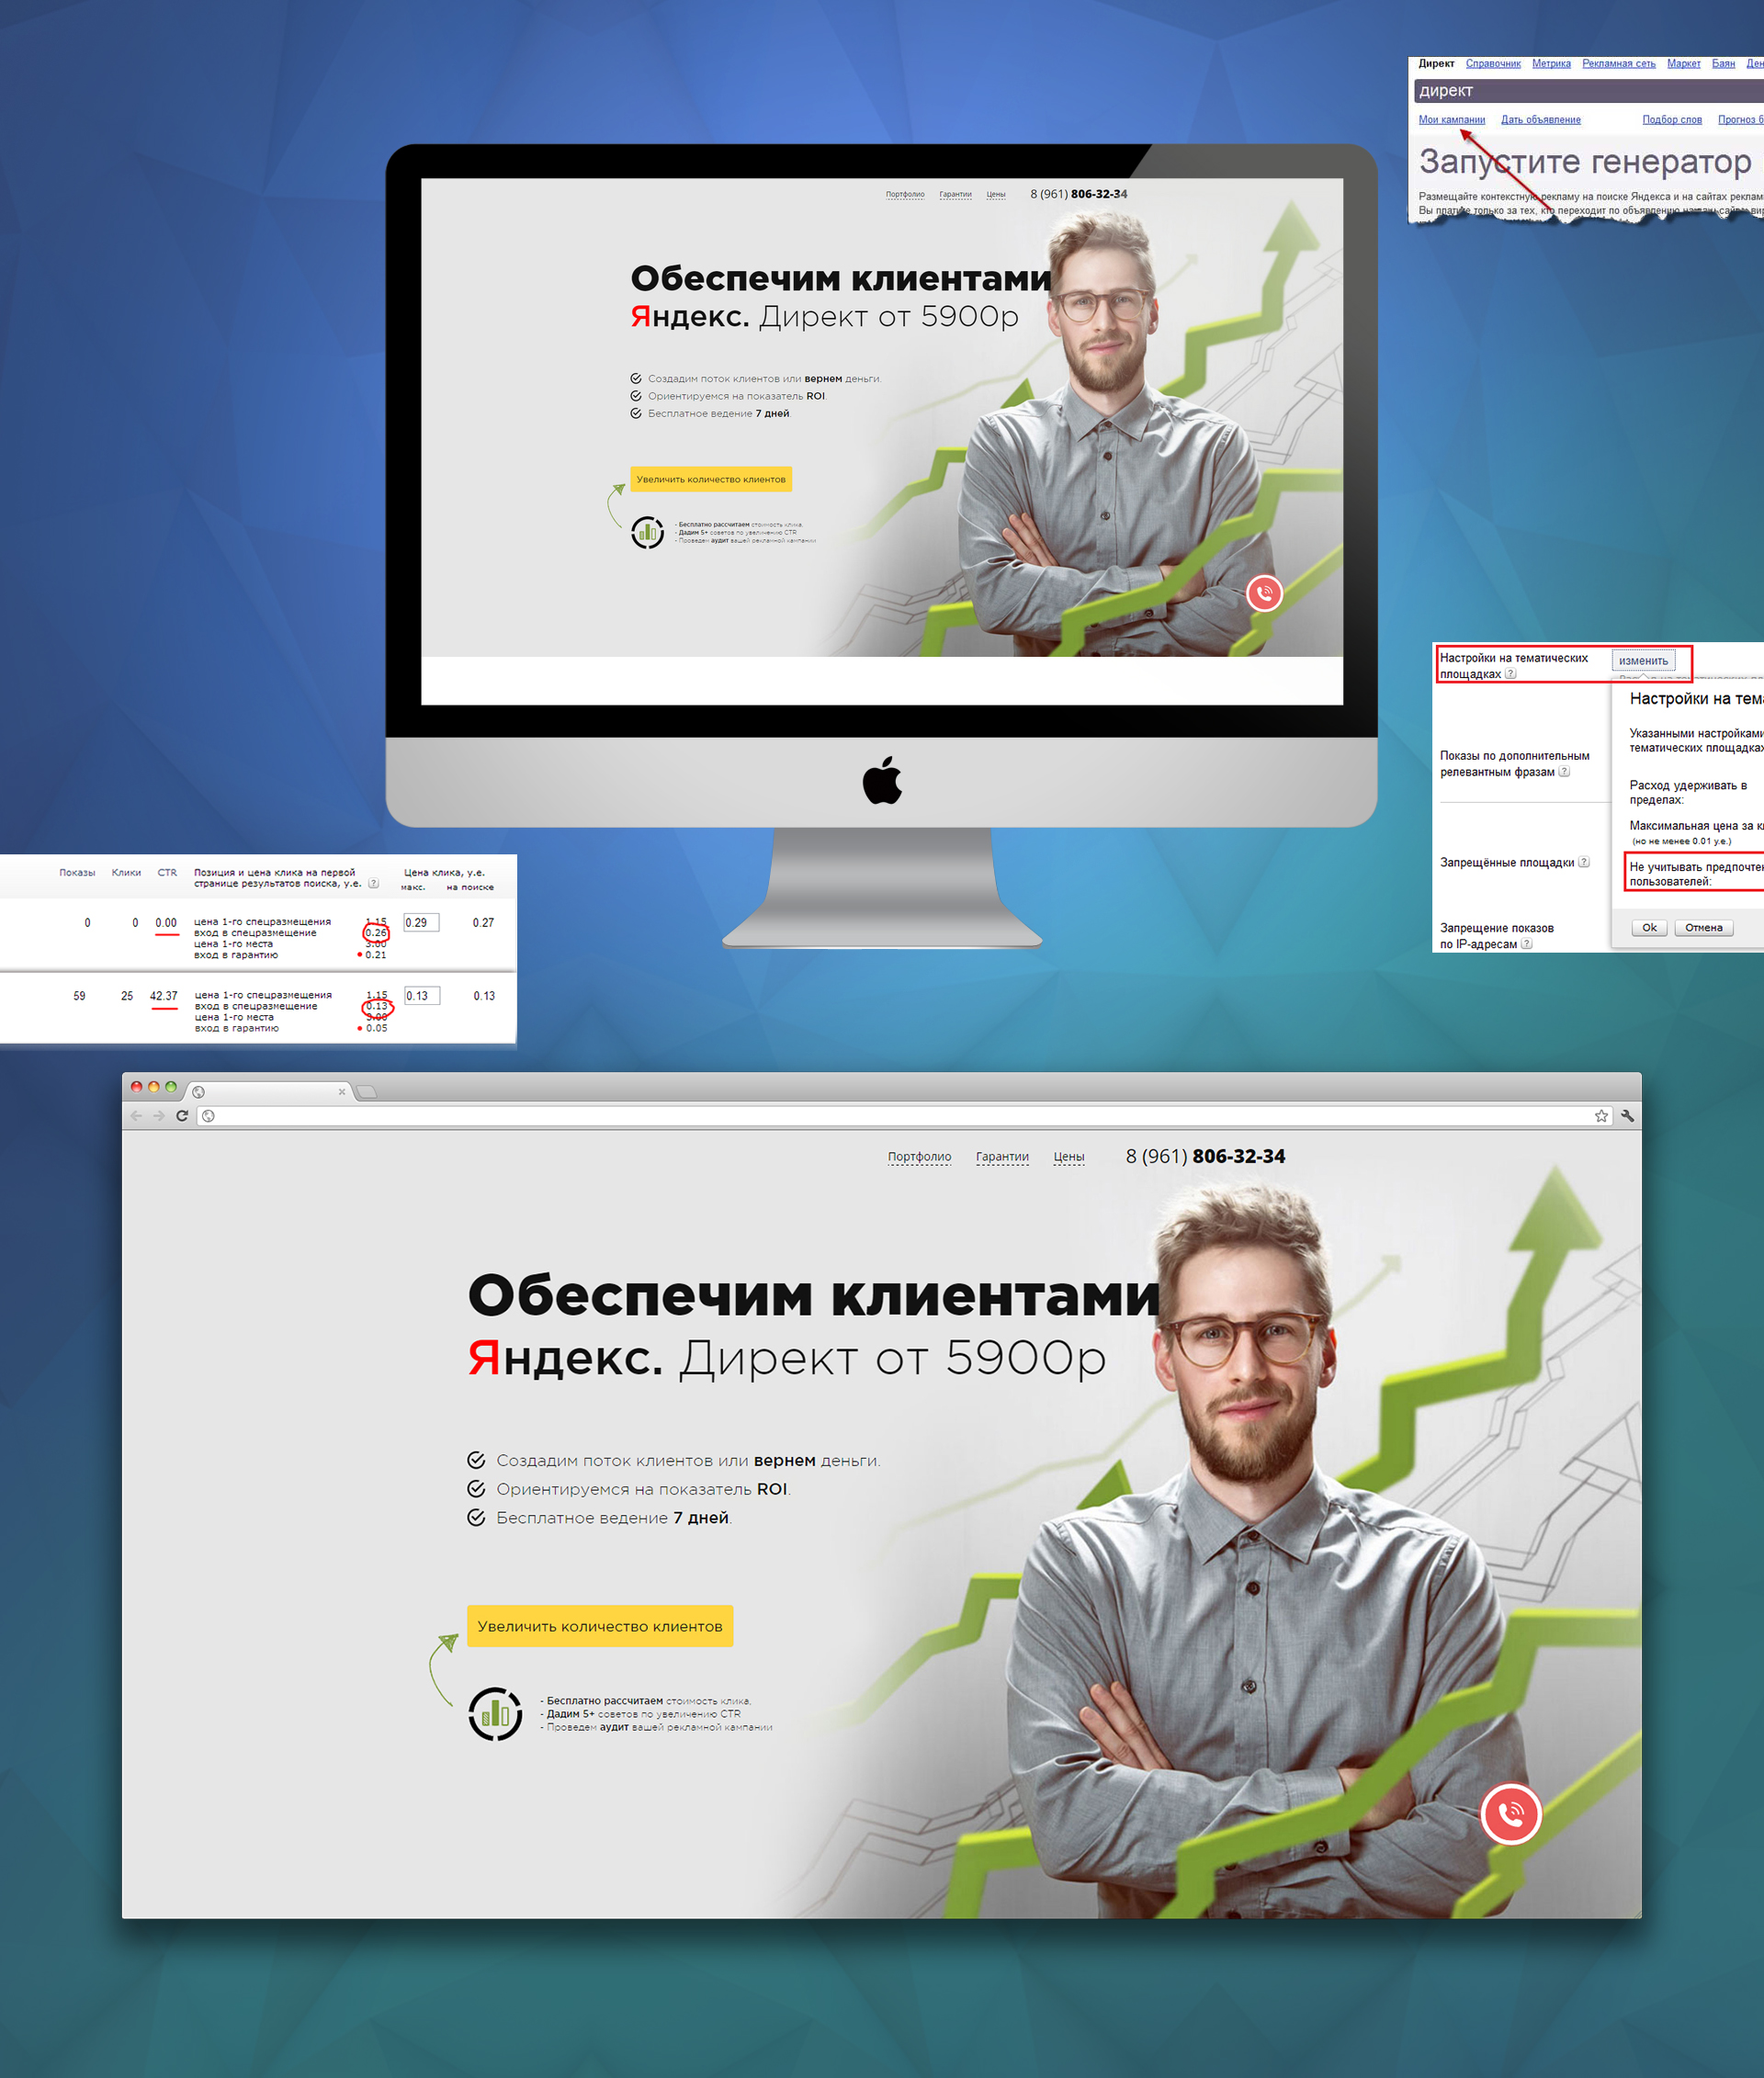 http://komilab.ru